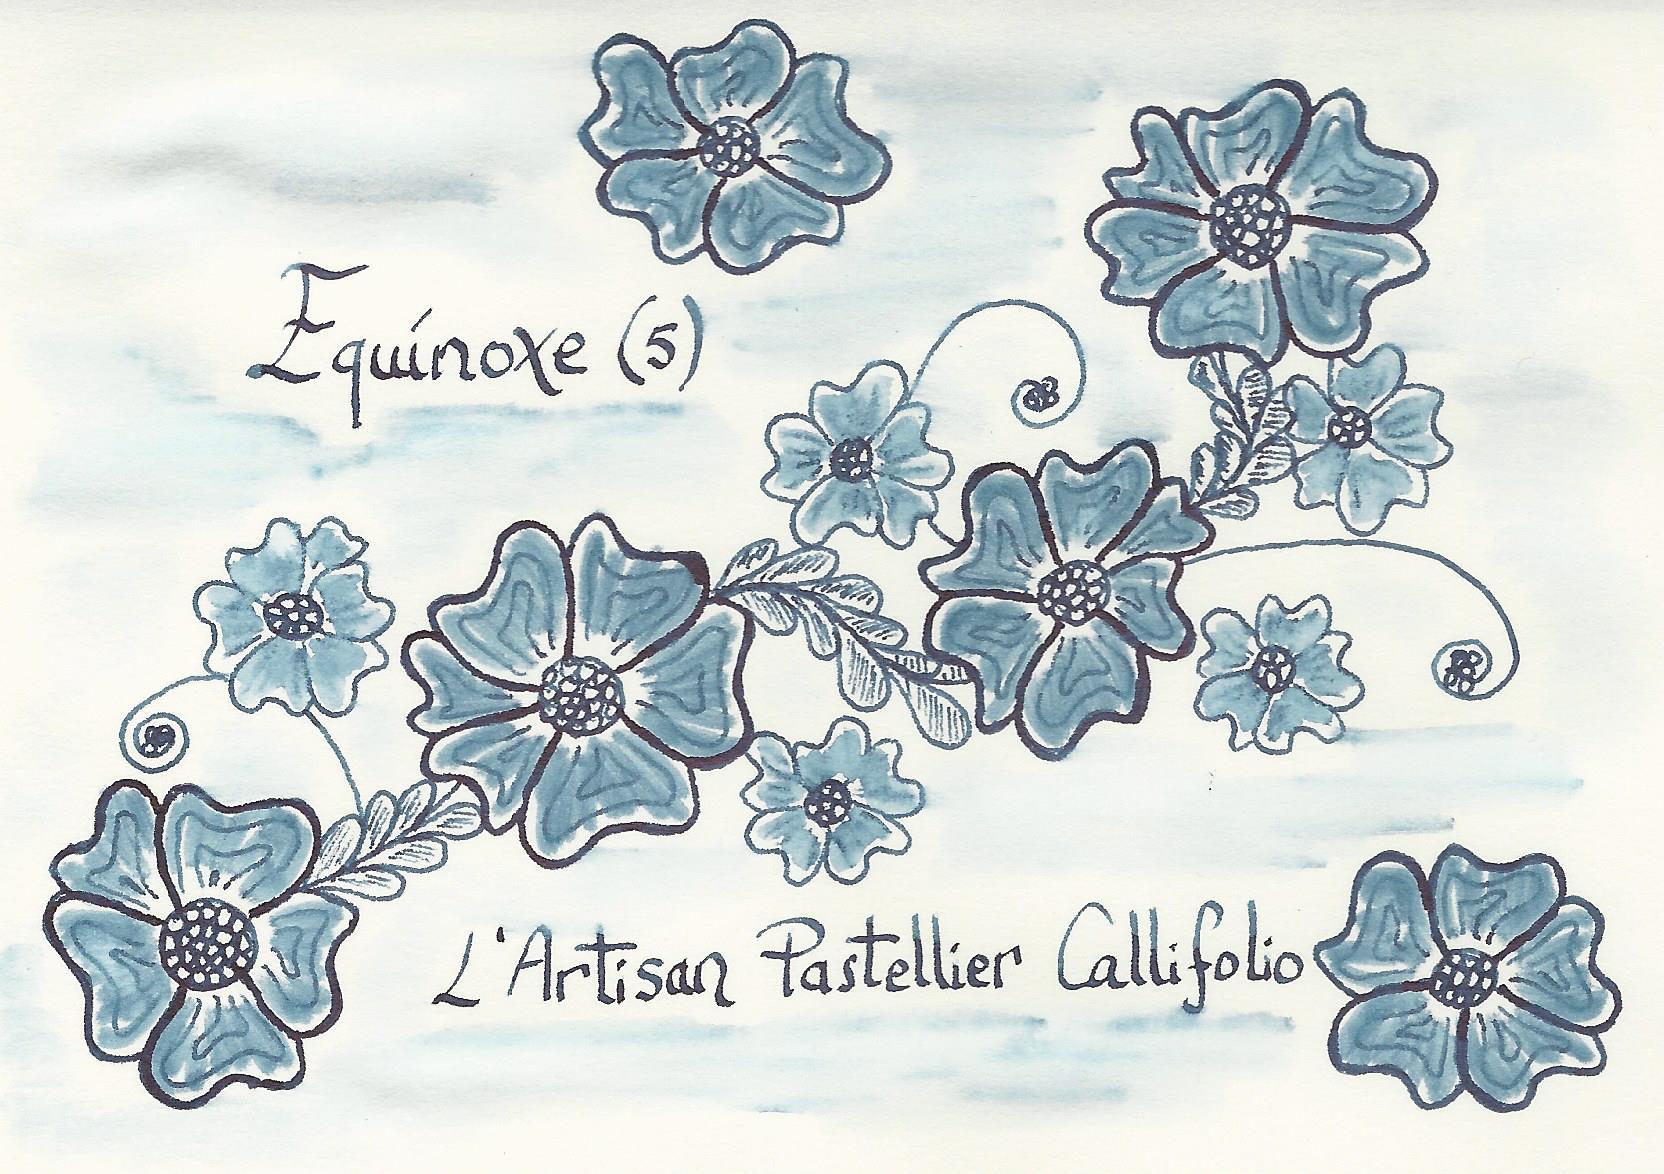 fpn_1567796658__callifolio_-_equinoxe_5_